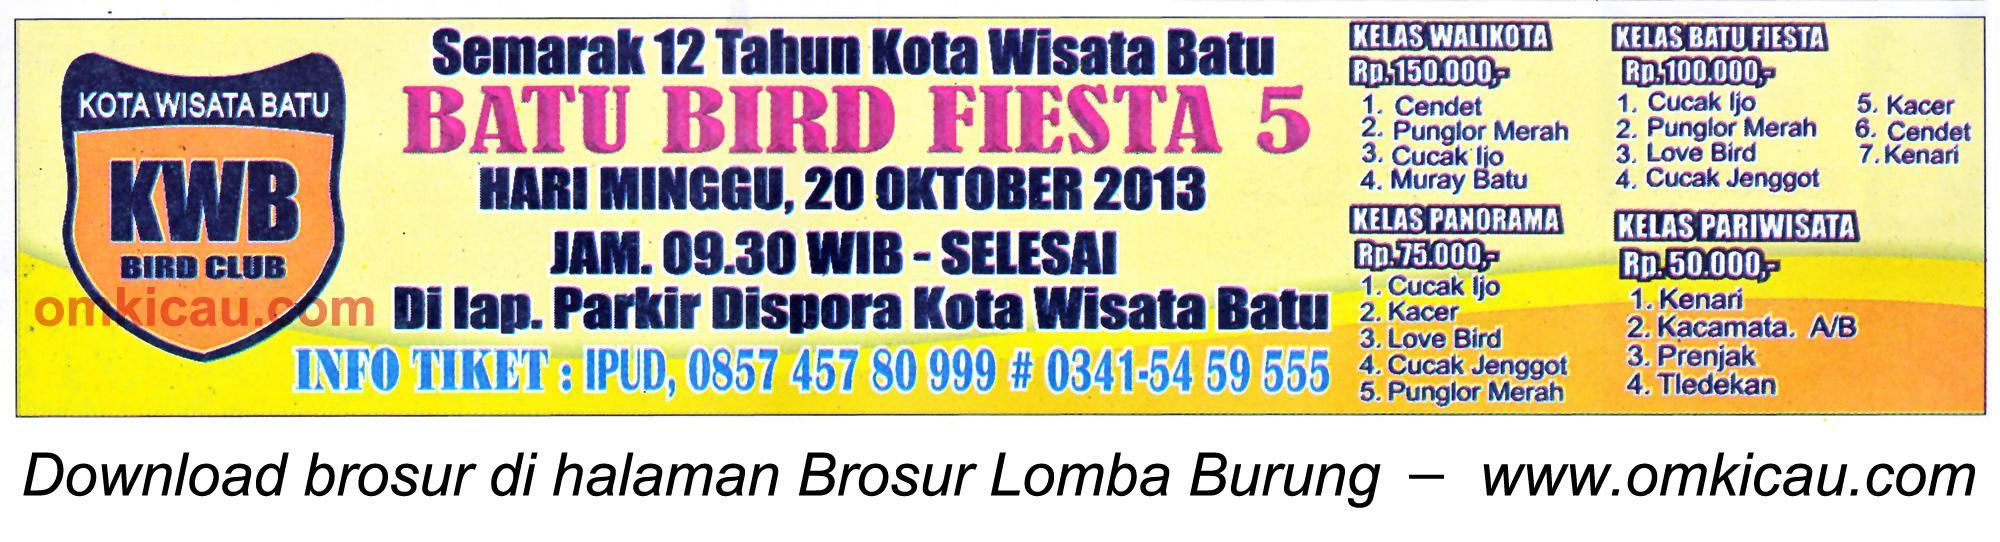 Brosur Lomba Burung Batu Bird Fiesta 5, Batu, 20 Oktober 2013